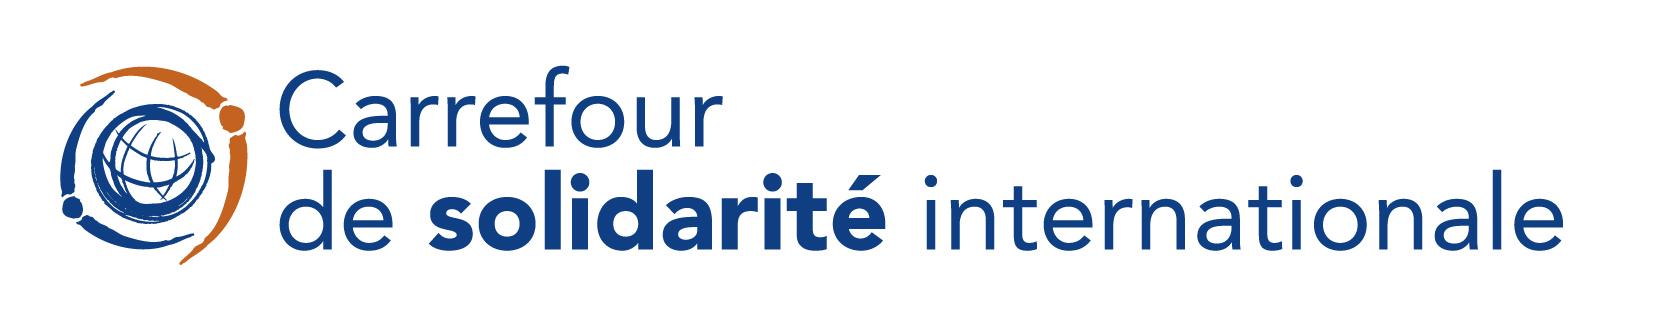 Carrefour de solidarité internationale - Logo